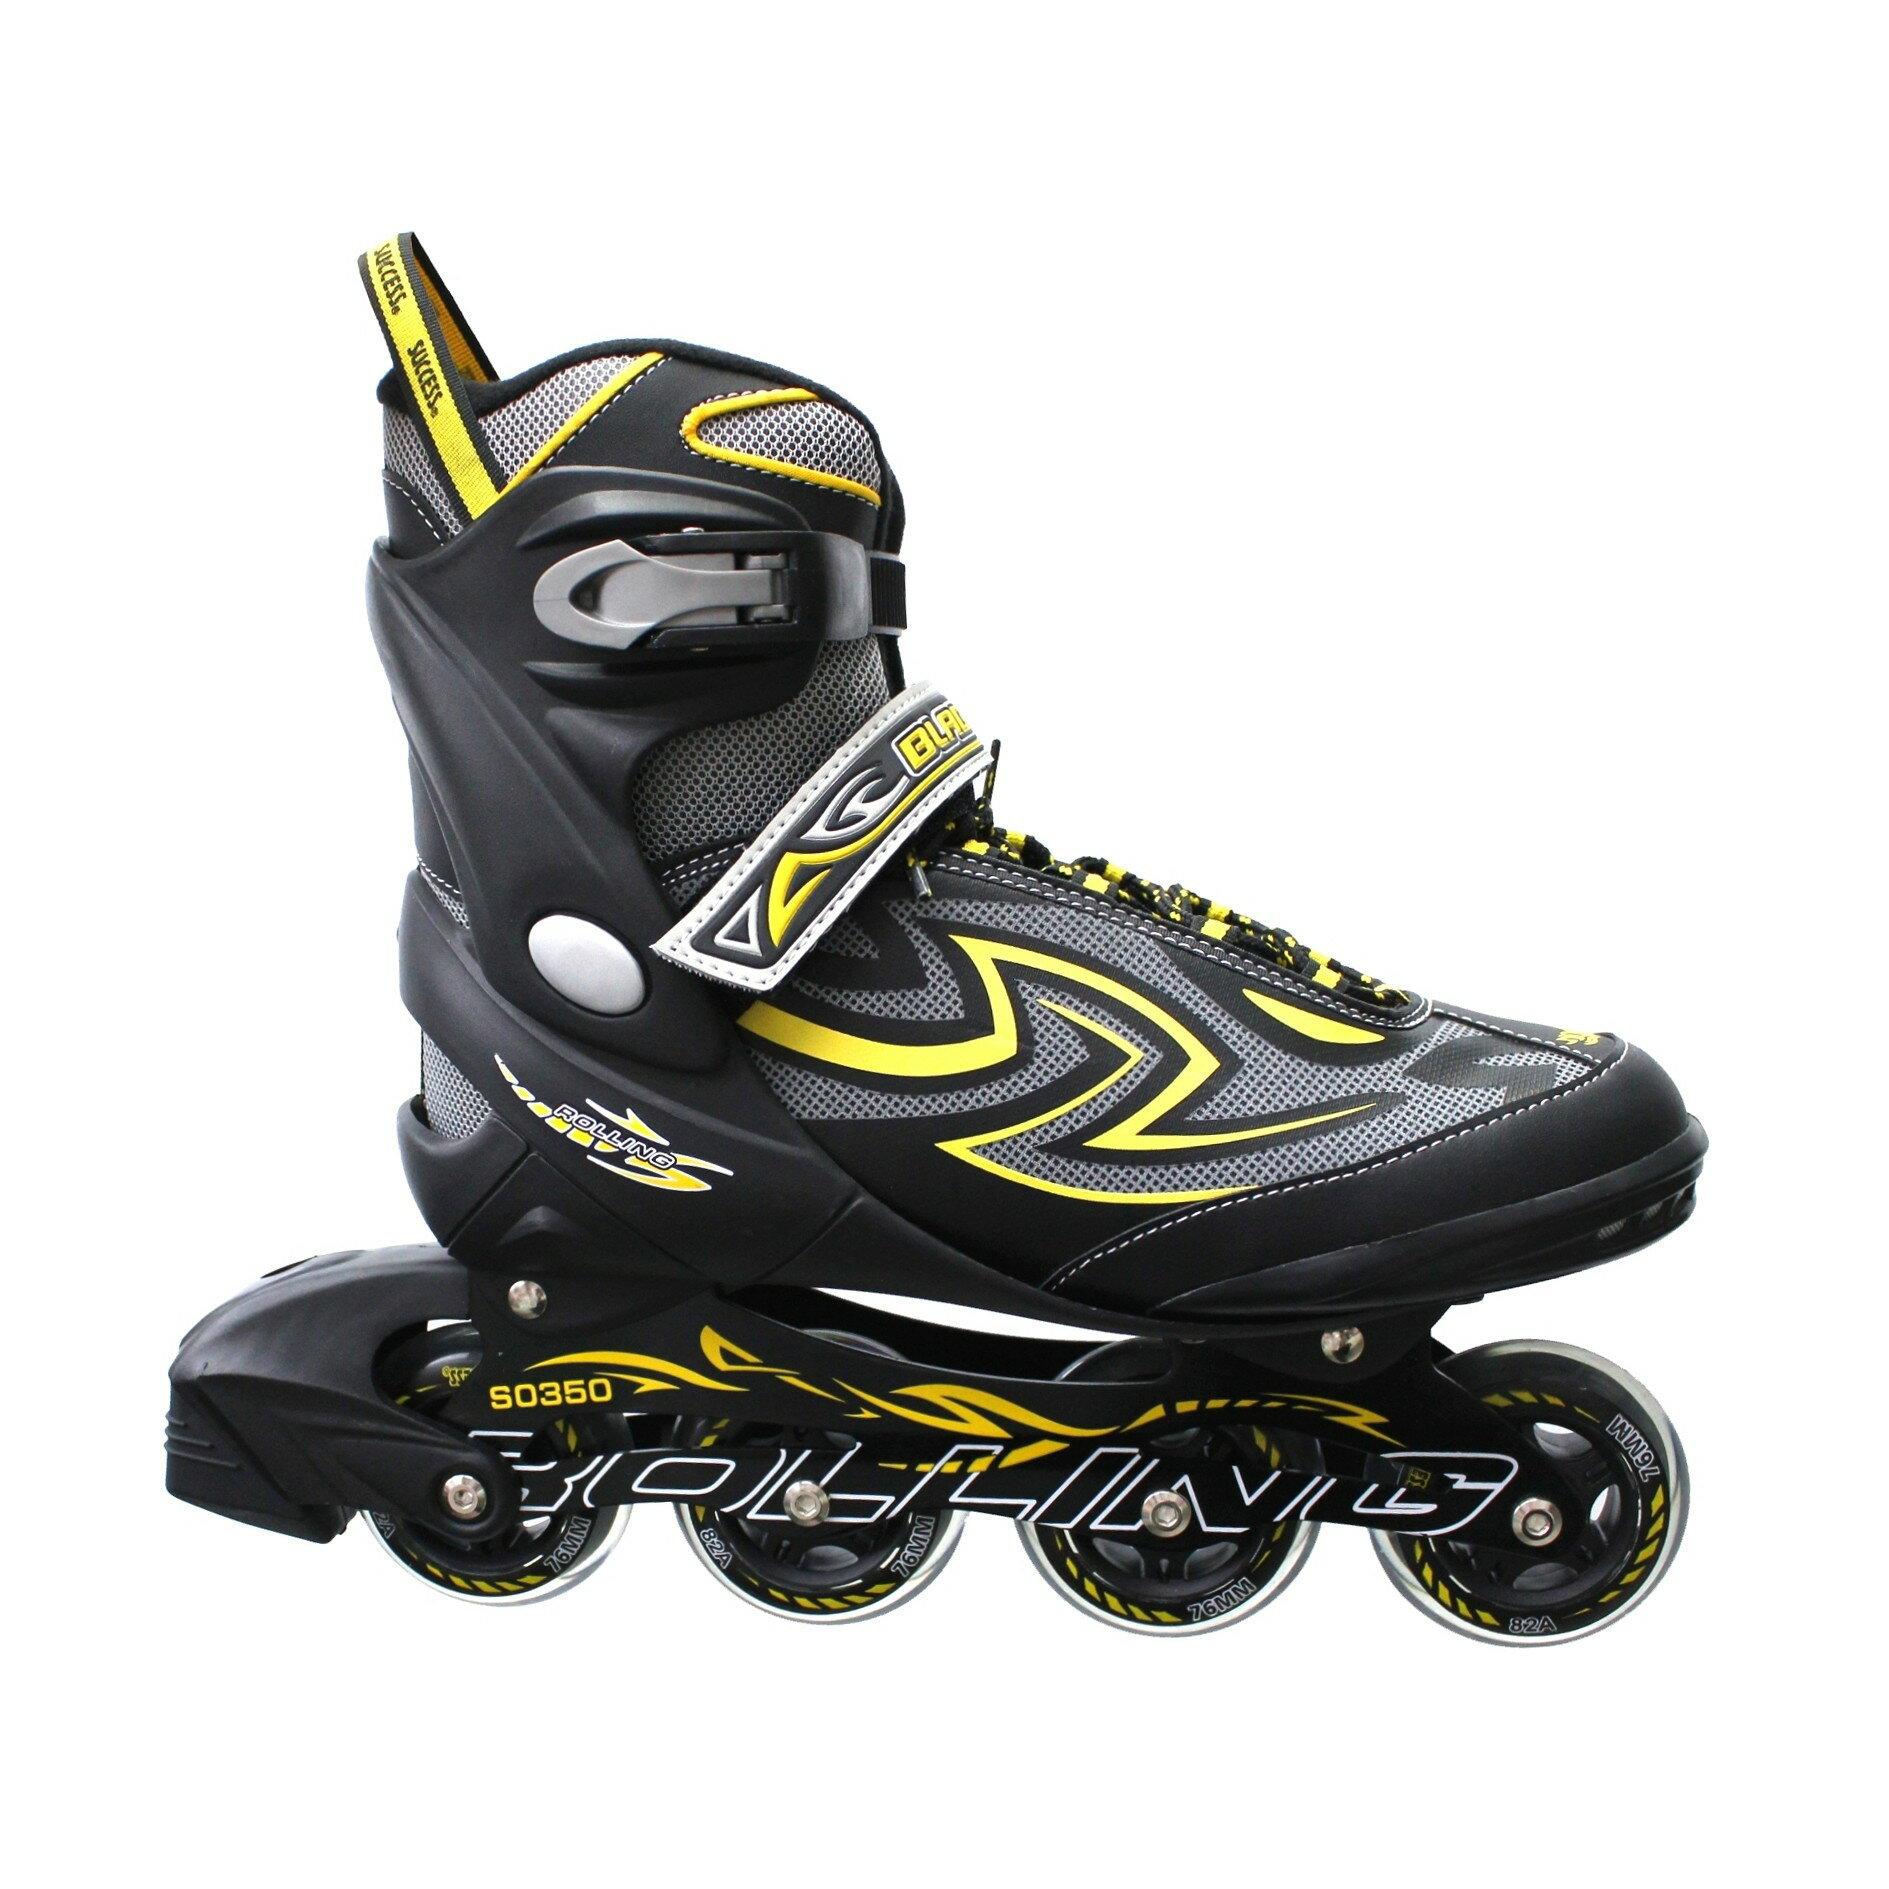 【文具通】SUCCESS 成功 Kadon 高等 道路 直排鞋 直排輪 溜冰鞋 固定尺寸 S0350